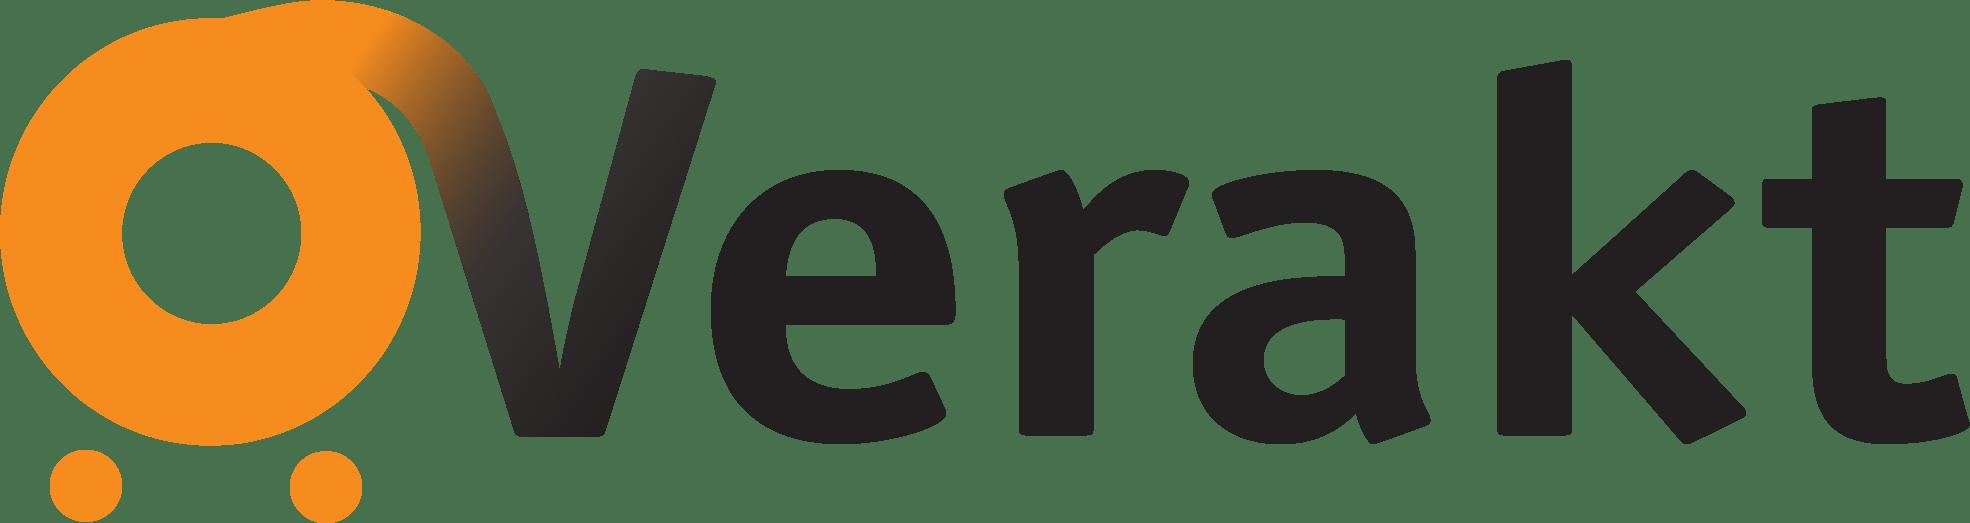 Overakt logo